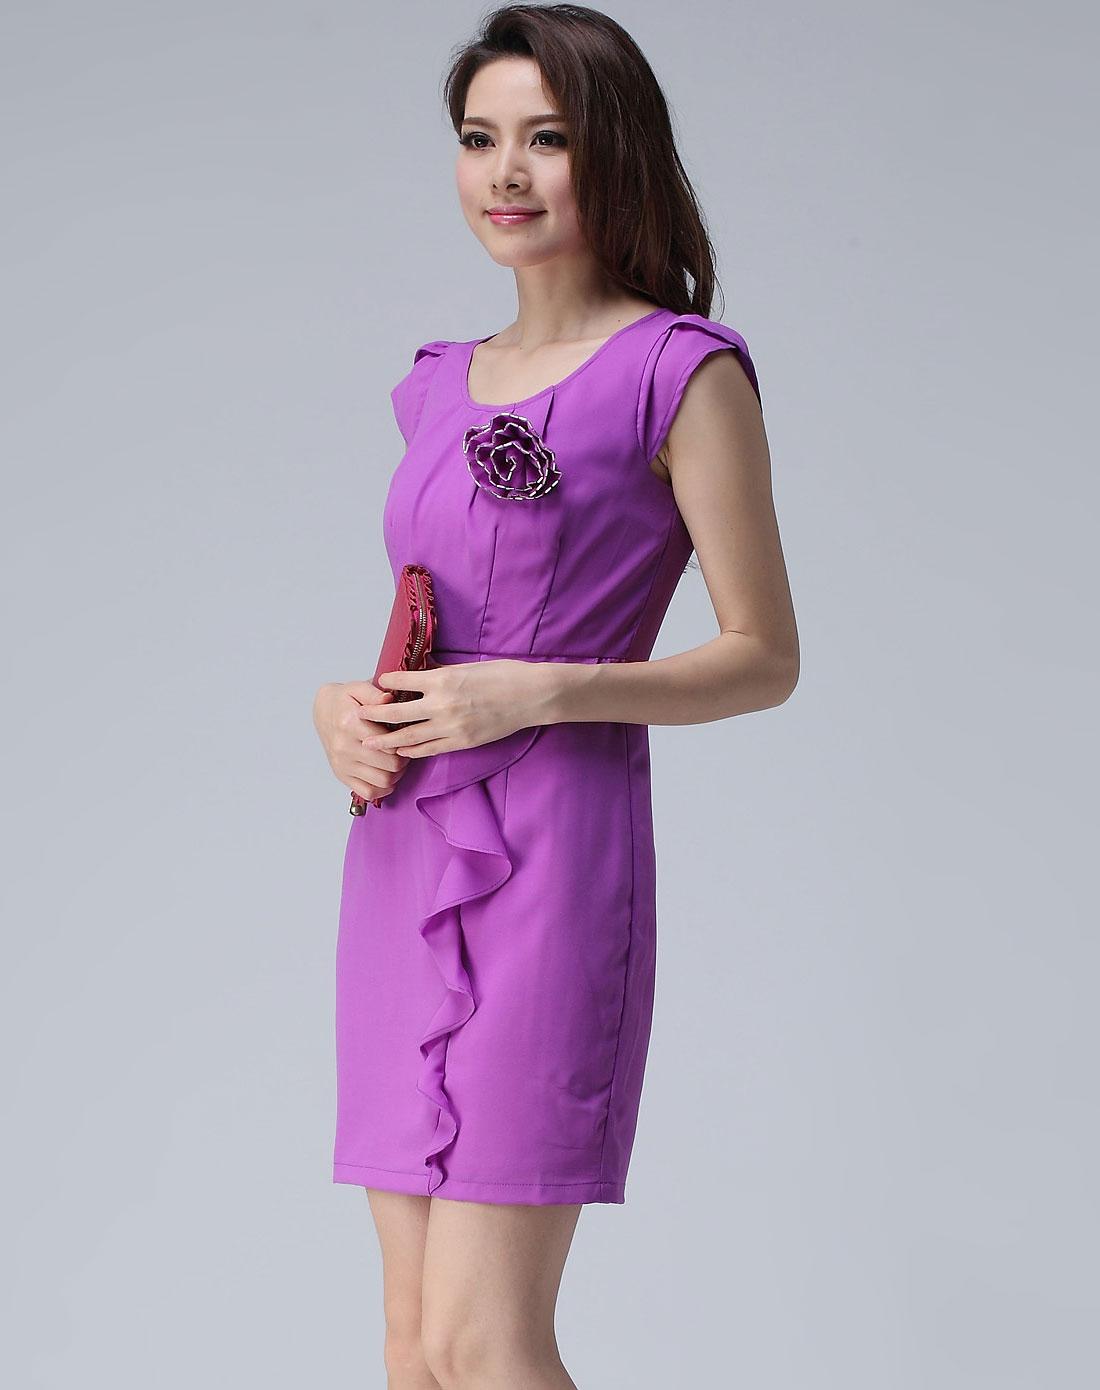 紫色连衣裙长款仙 两件套套装裙图片